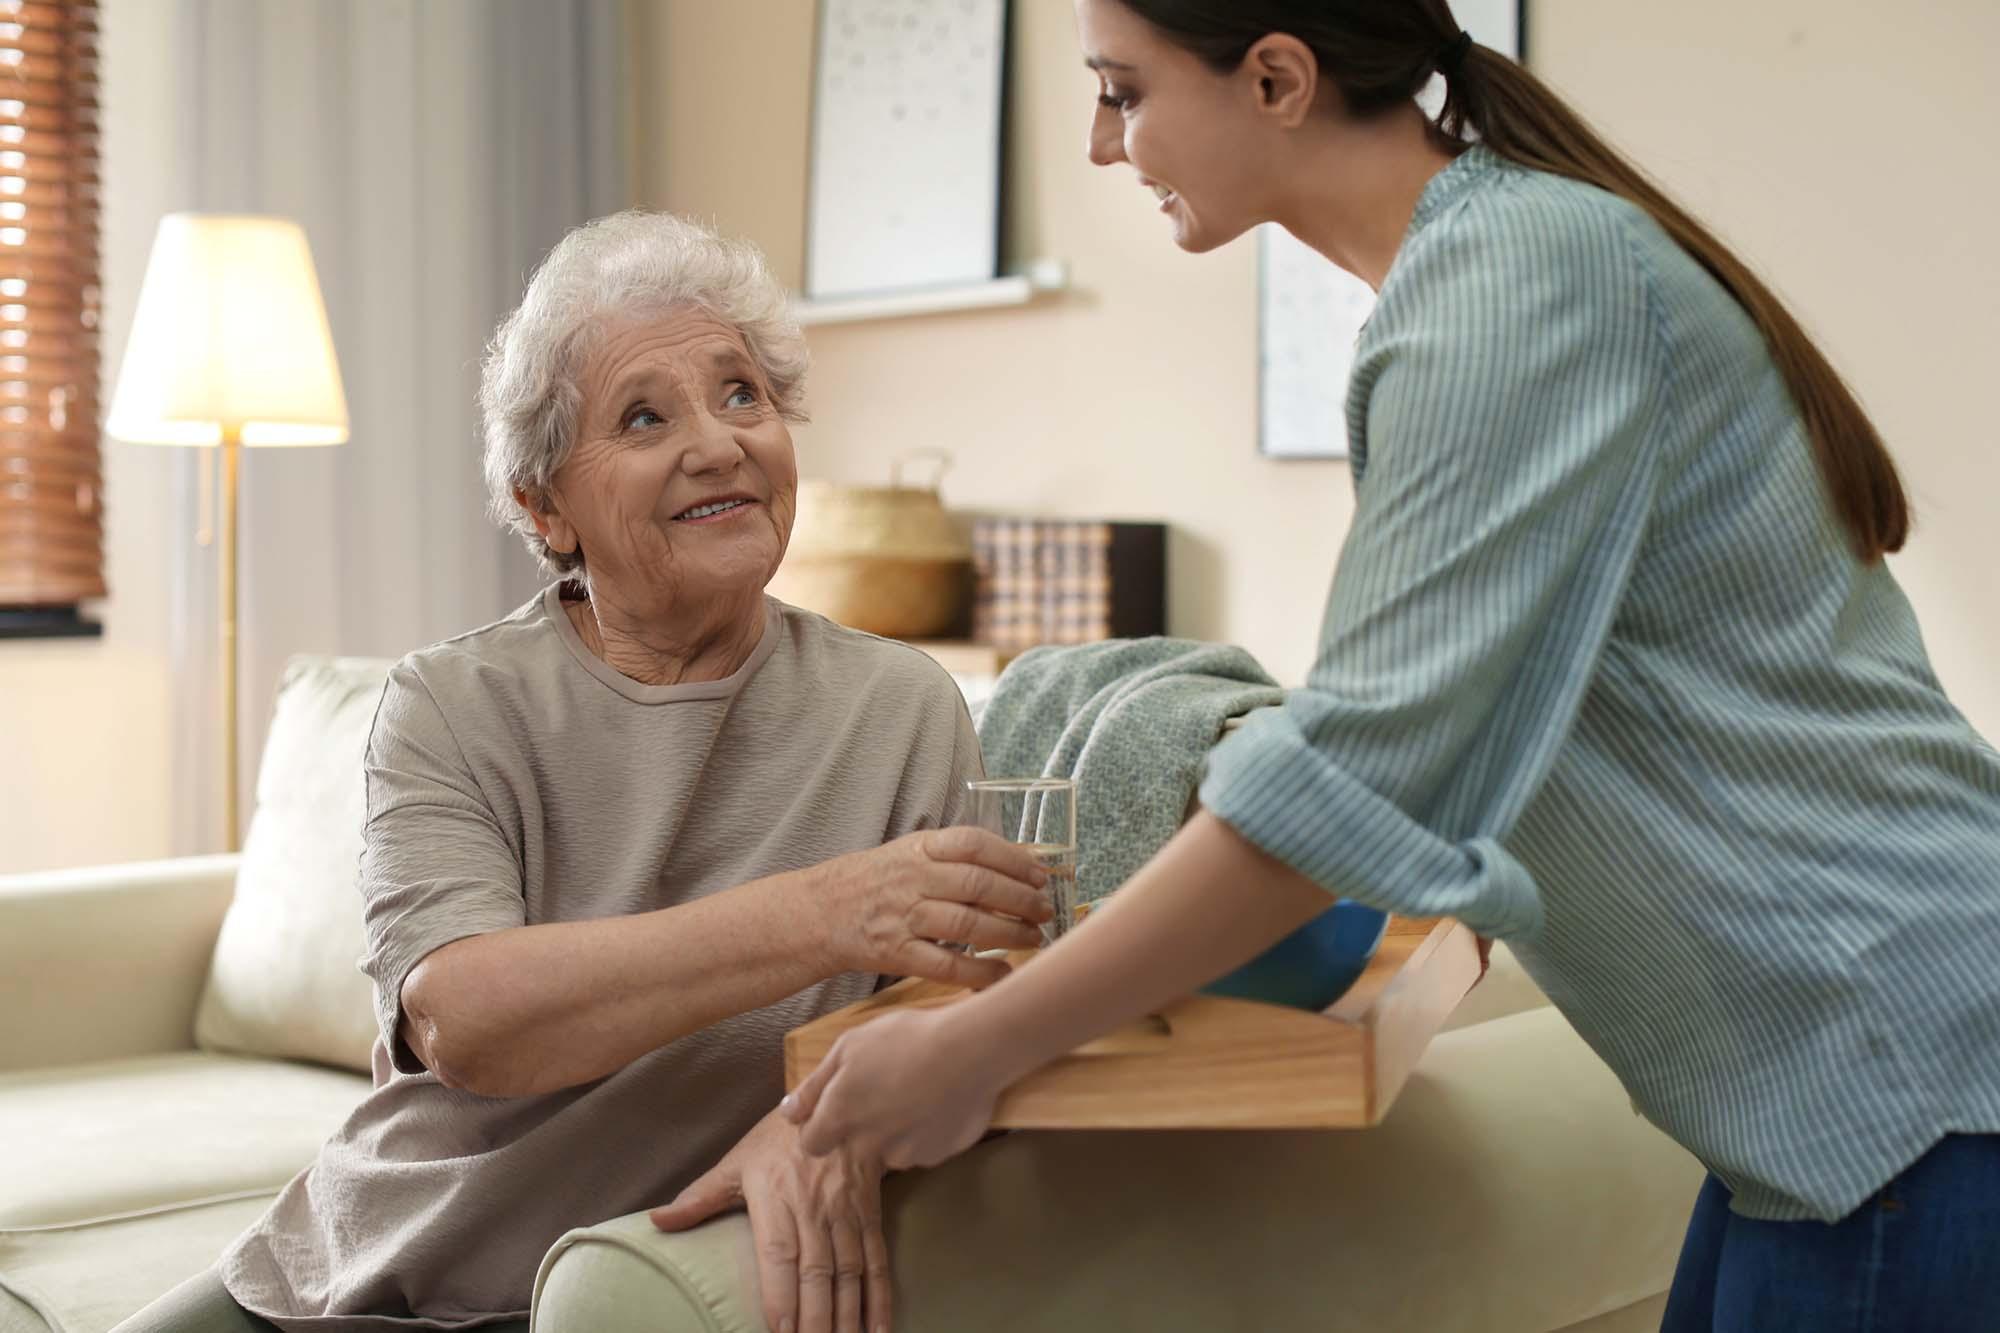 Carer offering elderly woman water